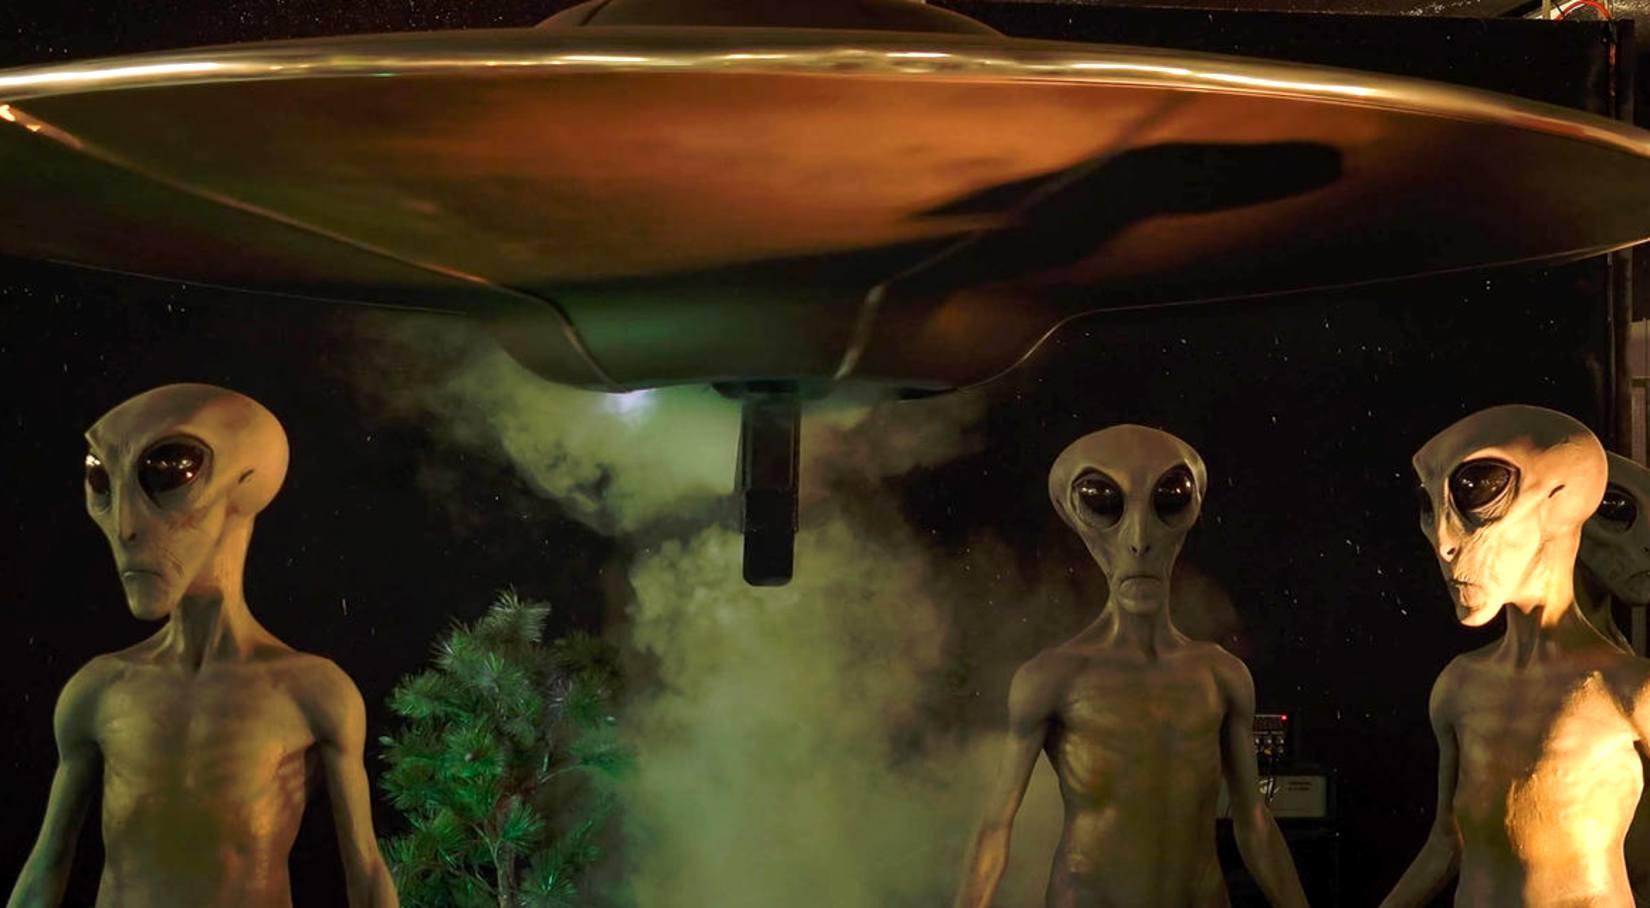 при дом инопланетян картинки его